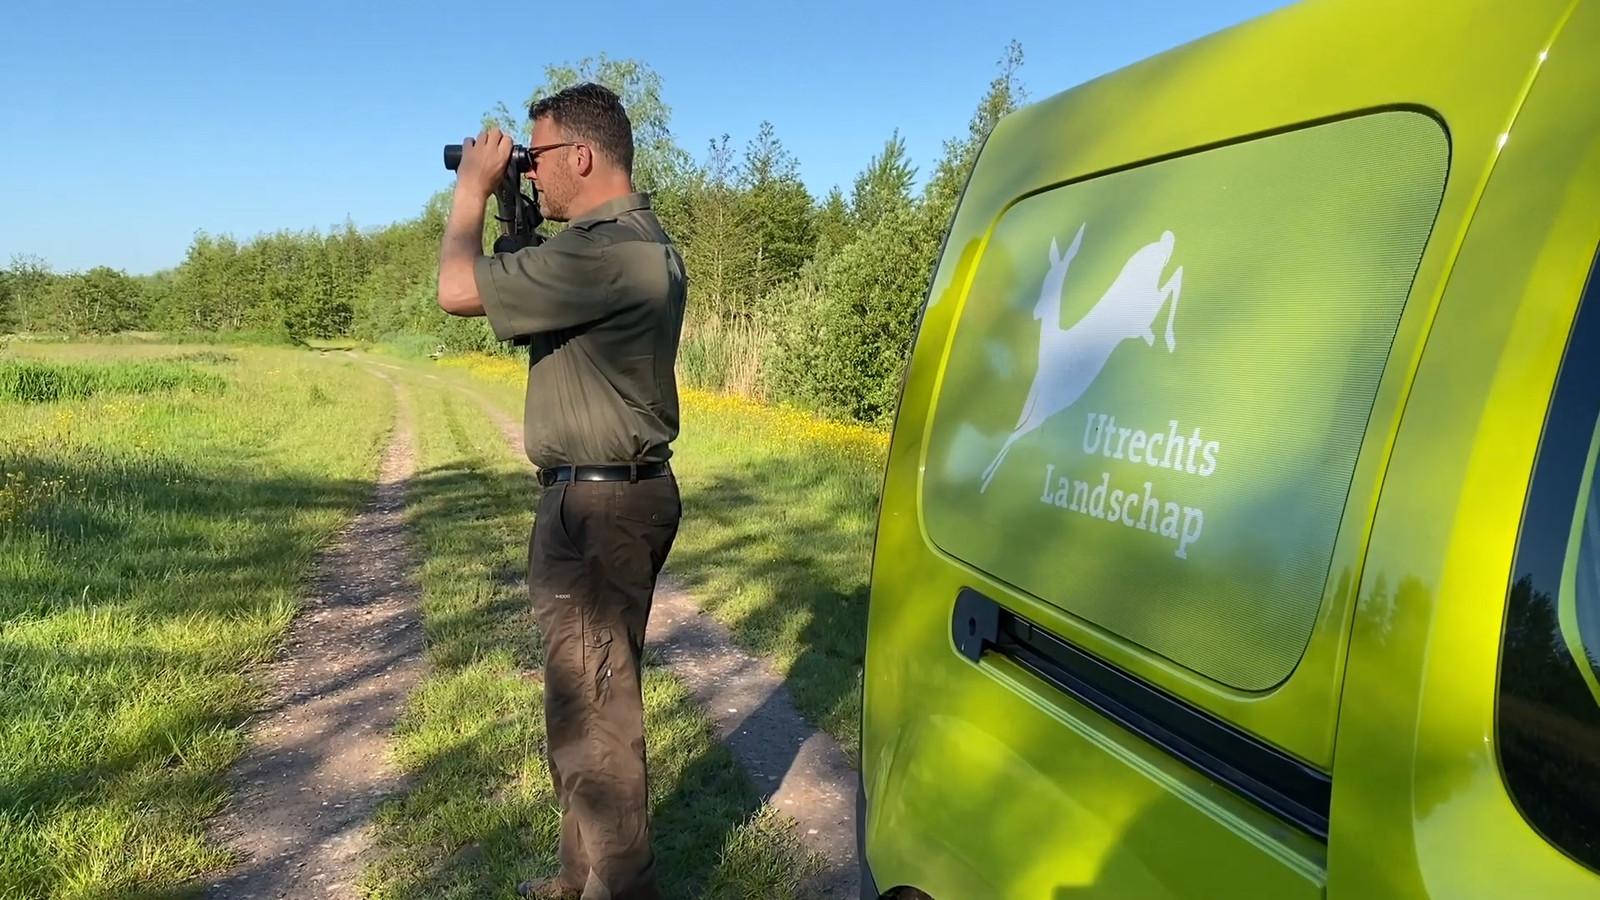 Boswachter Martijn Bergen waarschuwt dat als er niets gebeurt aan het waterbeheer in de agrarische omgeving zeldzame planten doodgaan.